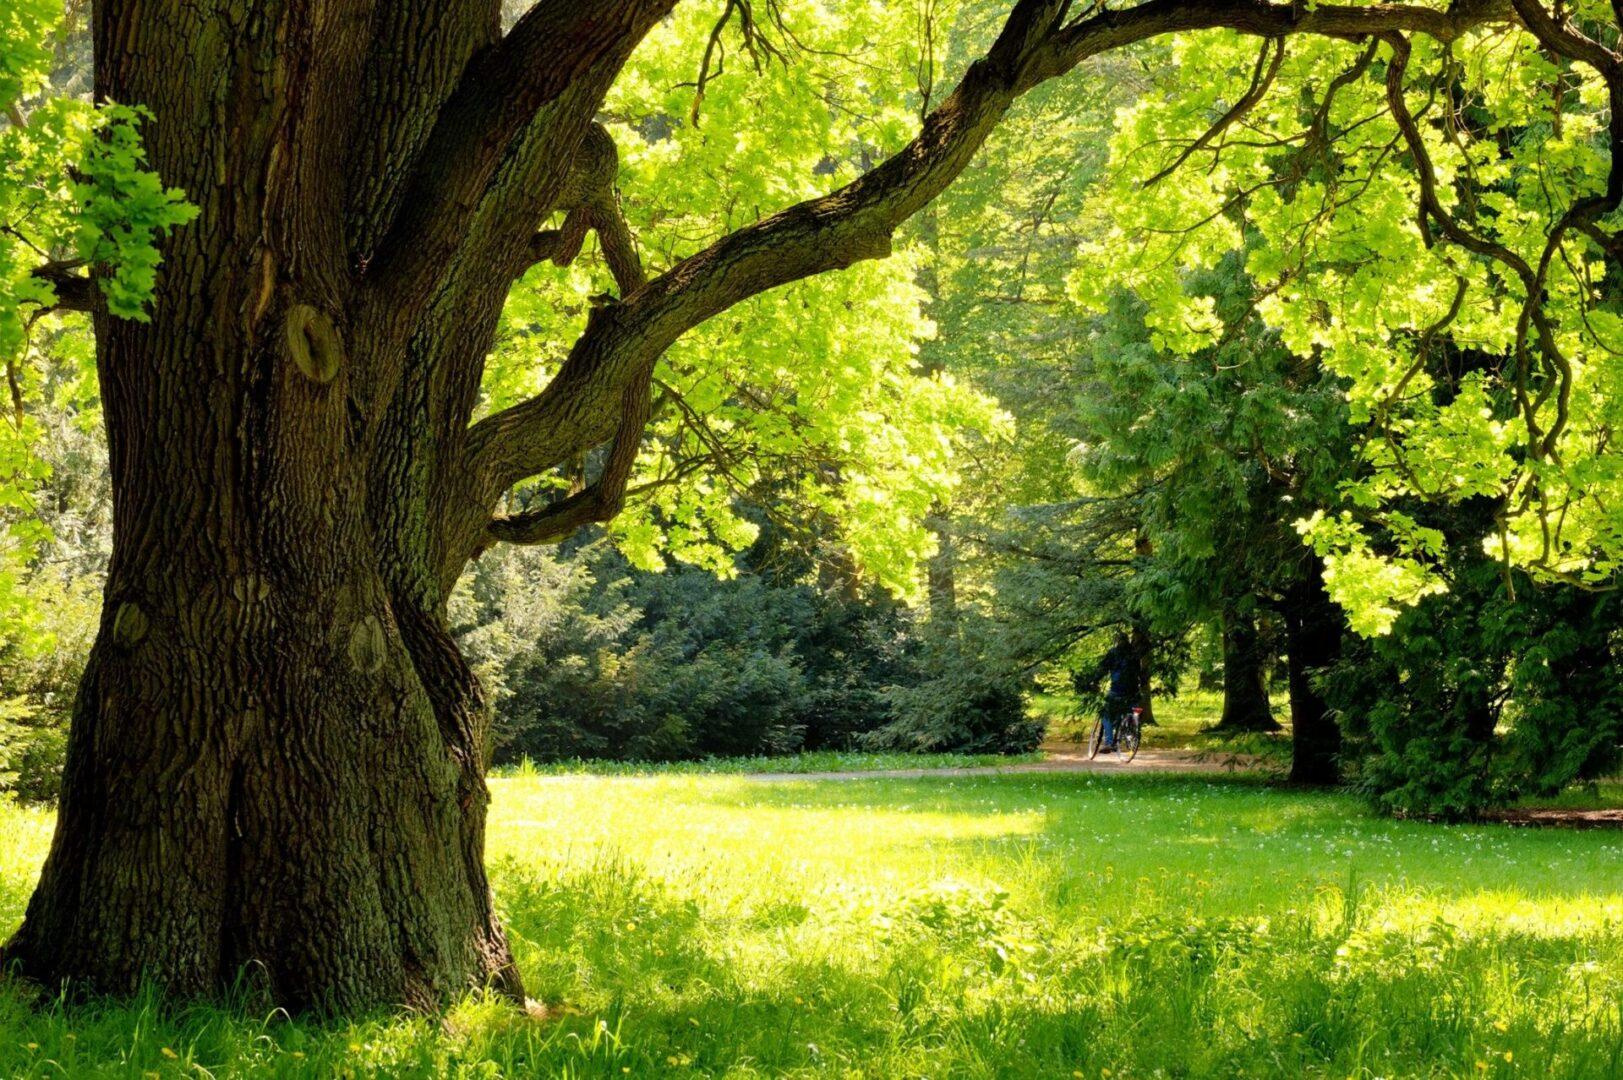 Economy Tree Service